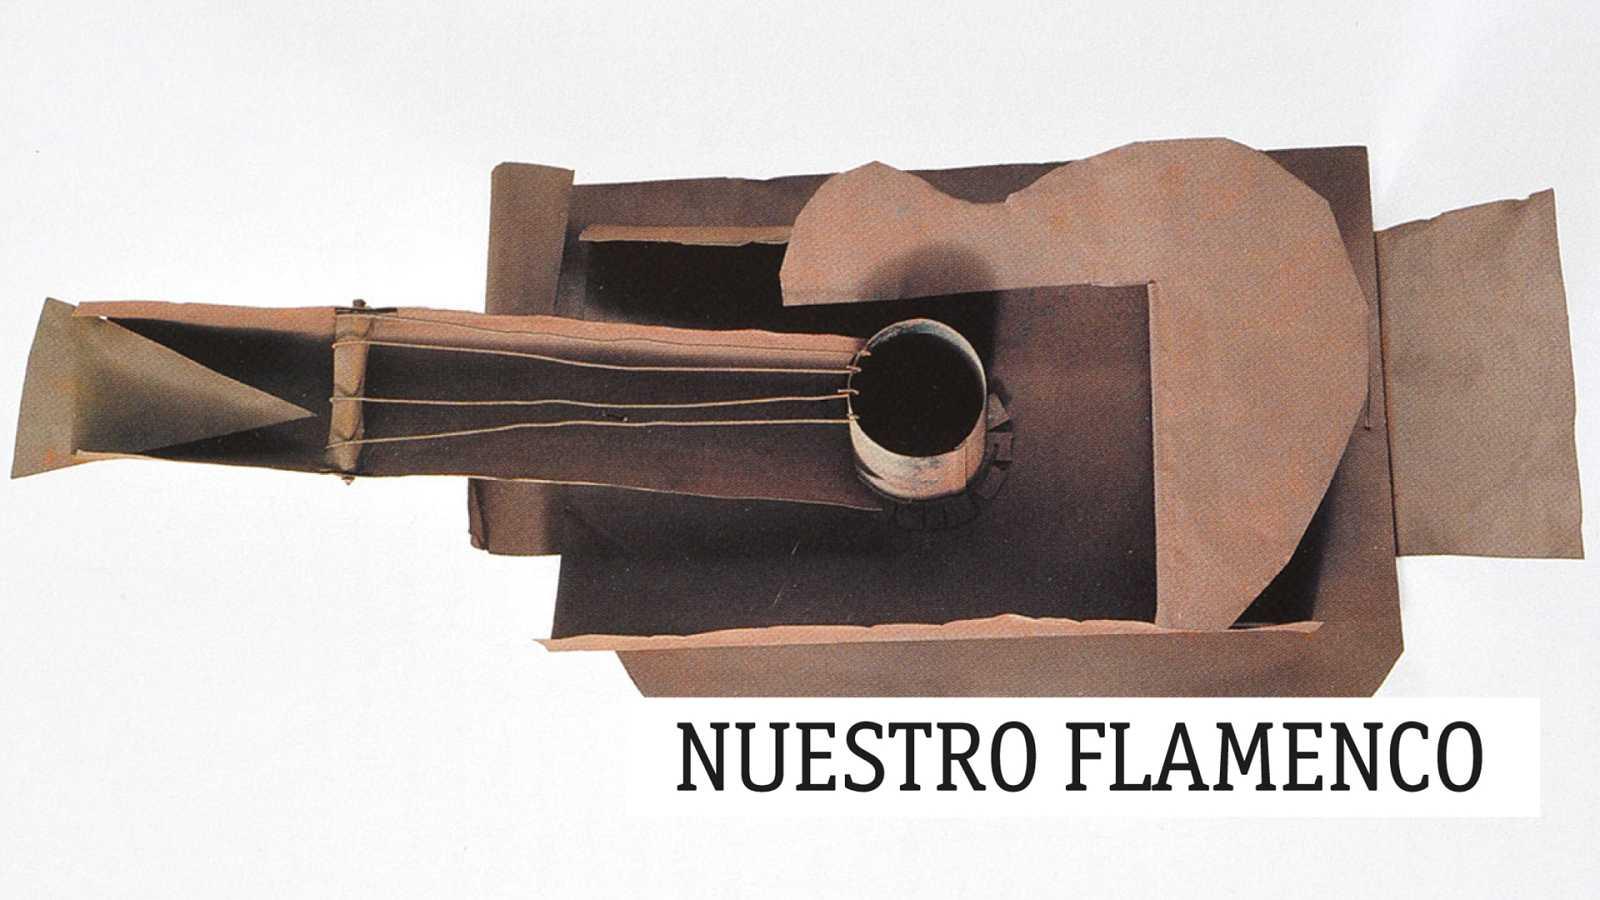 Nuestro flamenco - Antología del cante gitano de nuestra tierra - 03/12/20 - escuchar ahora